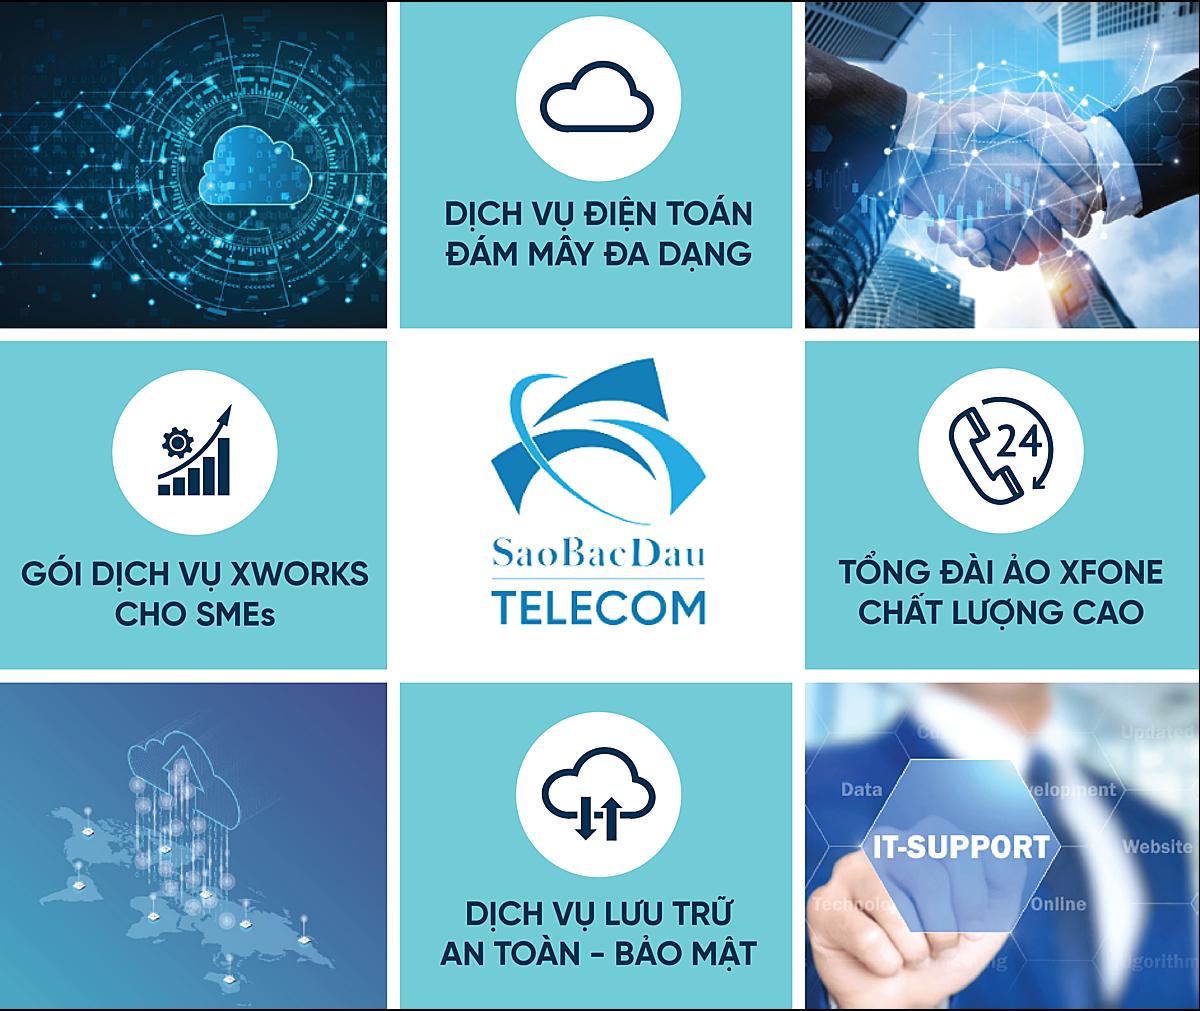 Các dịch vụ của Sao Bắc Đẩu Telecom đảm bảo an ninh công nghệ, an toàn dữ liệu, tính bảo mật cao. Ảnh: Ảnh: SBD Telecom.